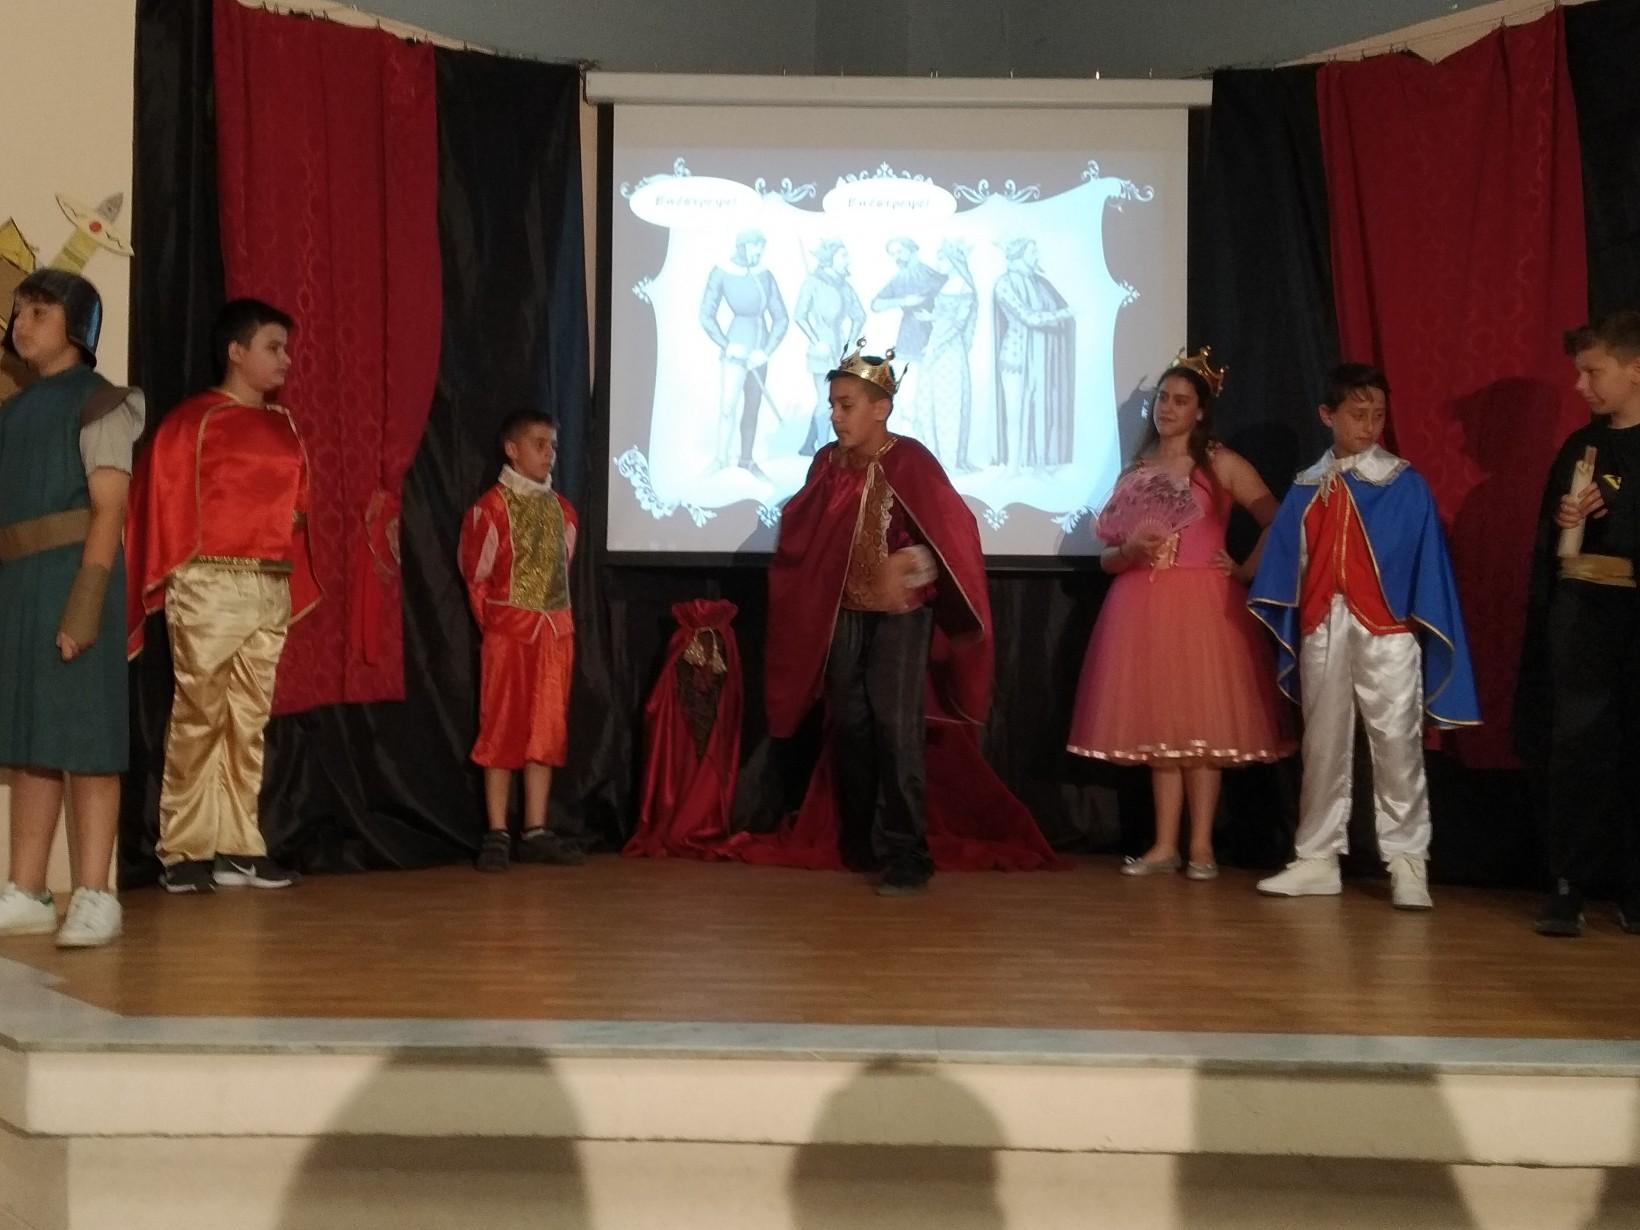 ευτυχισμένο σχολείο να ετοιμαστείτε για το χορό ένα μεγάλο πρόβλημα που χρονολογείται στα τριάντα